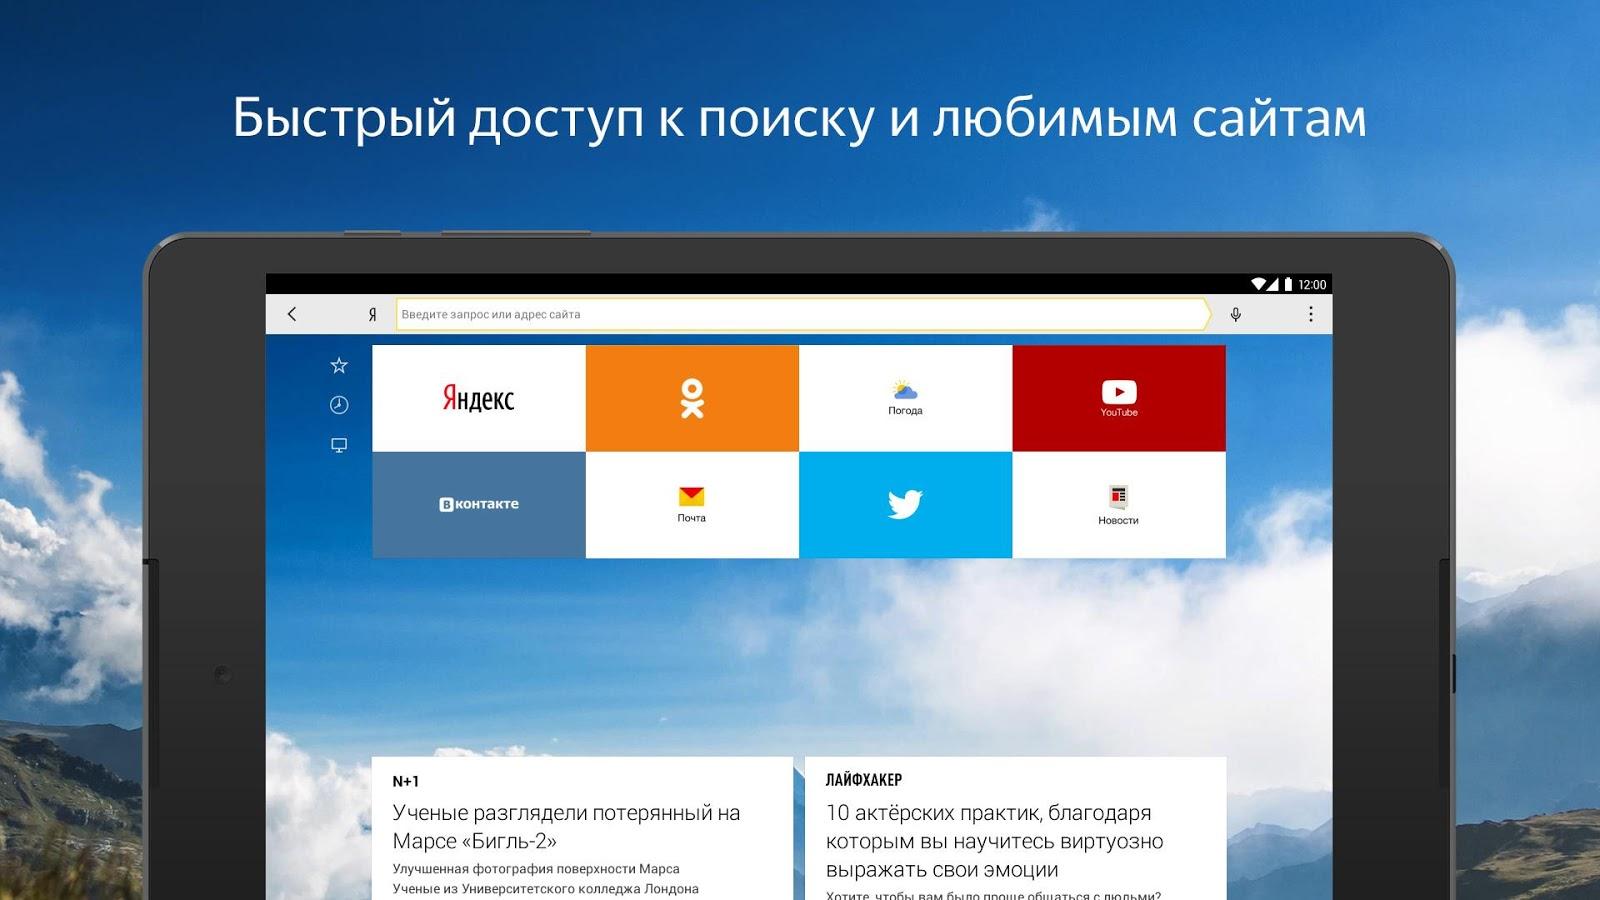 """Российский """"яндекс"""" перестал выдавать в поиске официальную."""